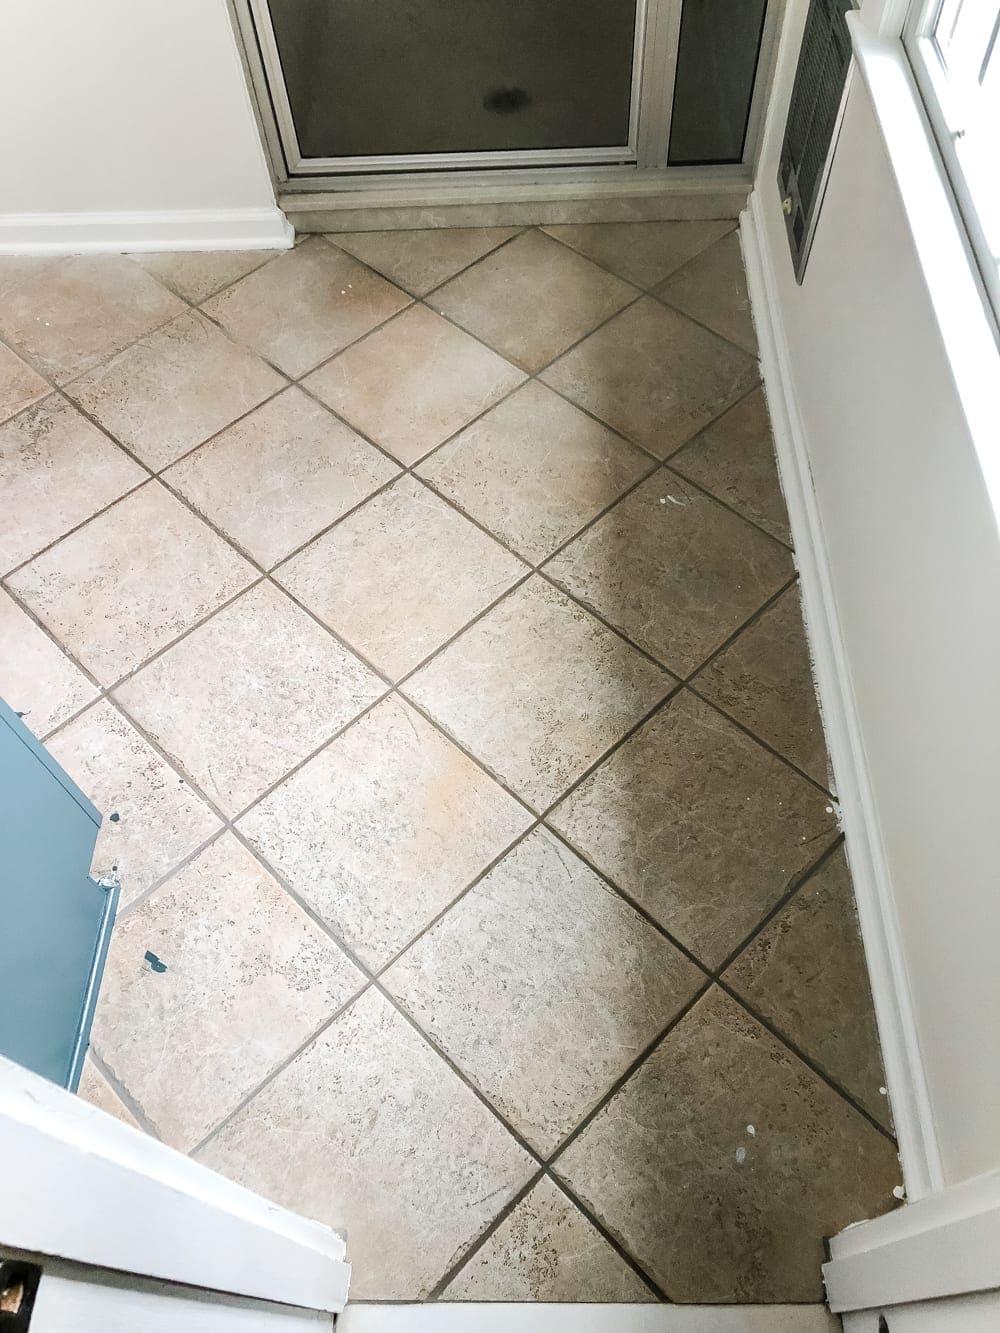 How To Install Sheet Vinyl Flooring Over Tile Bless Er House